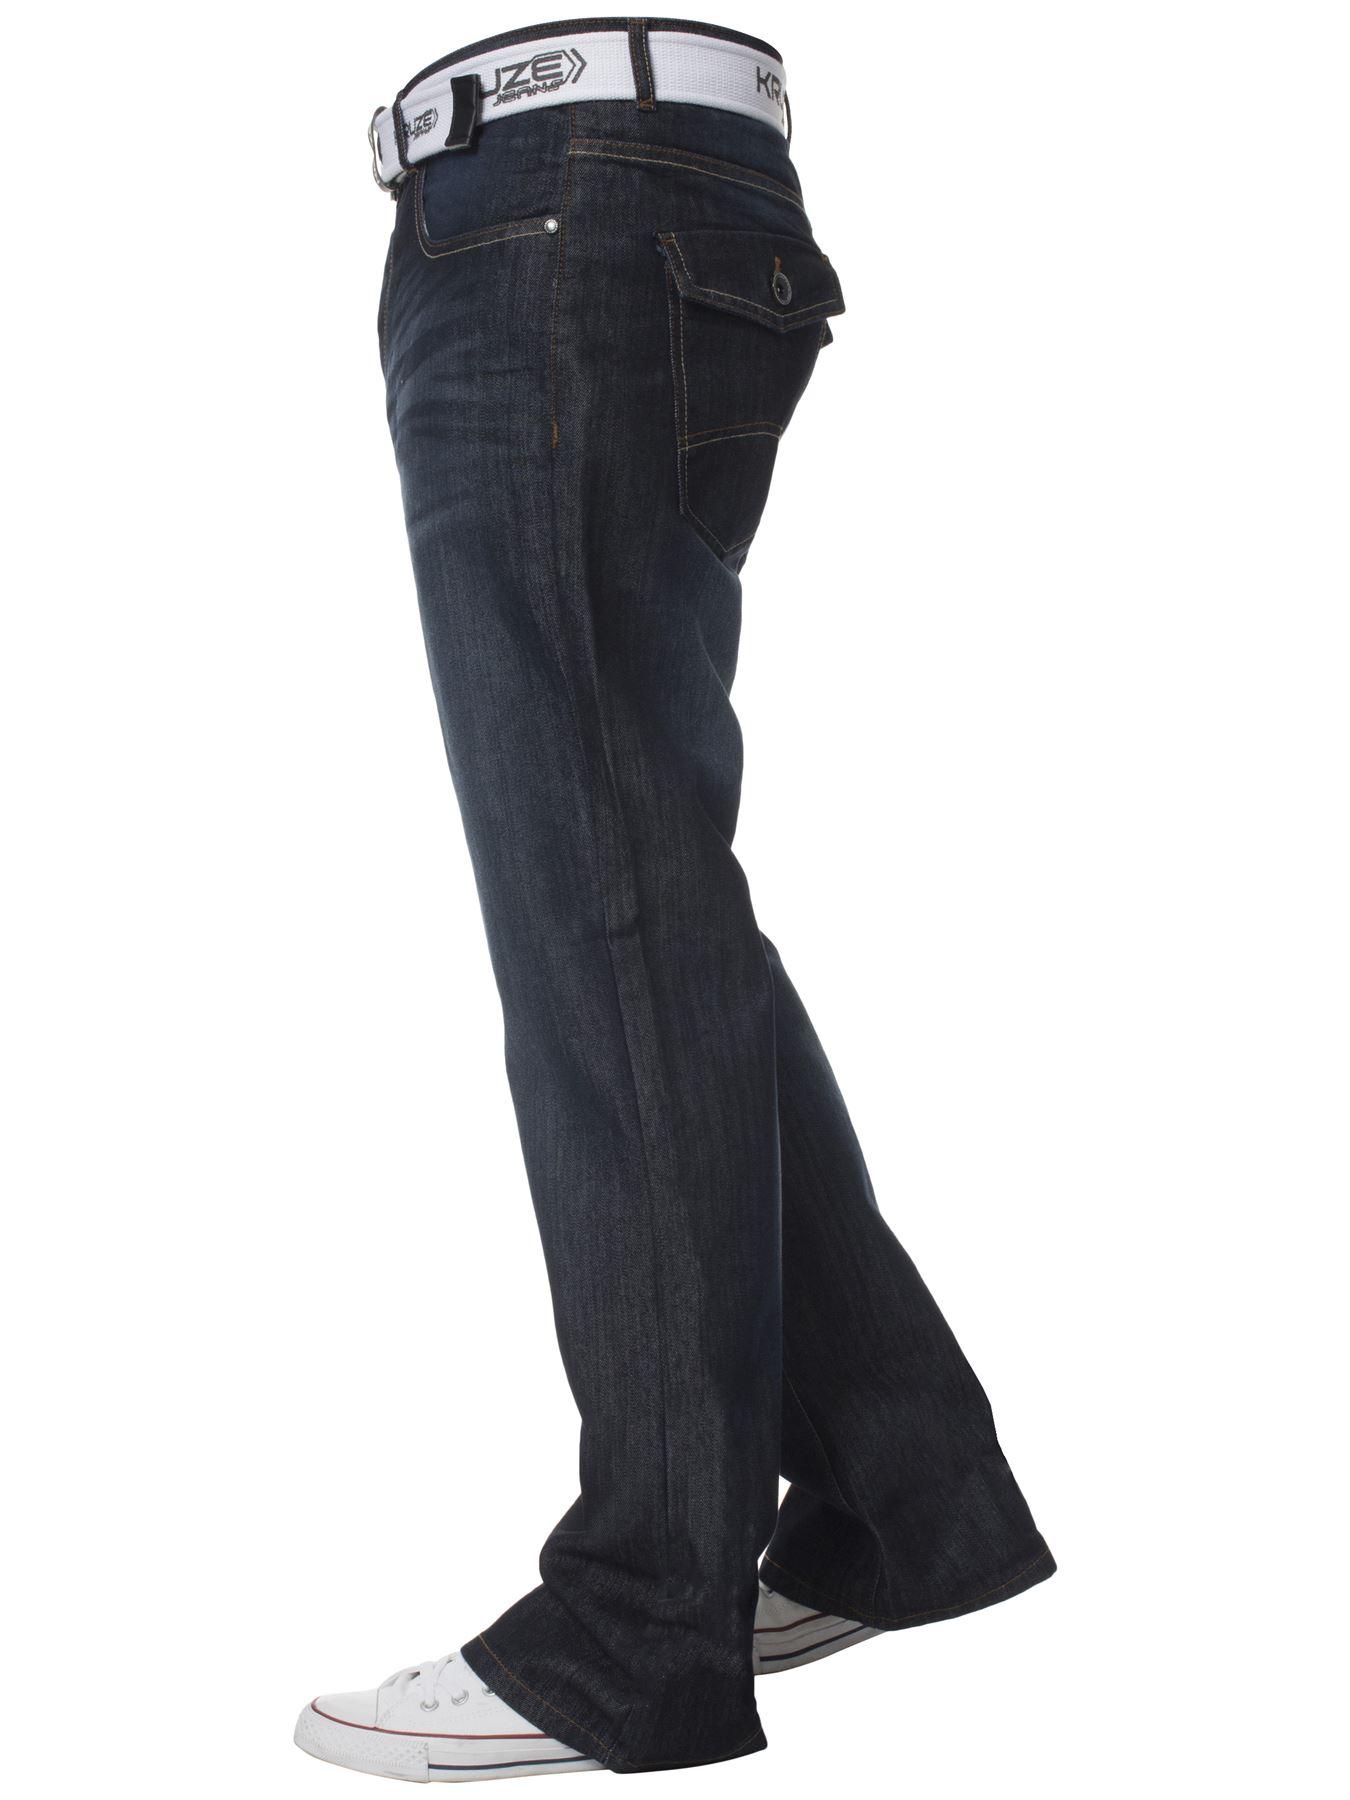 Kruze-Denim-Nuevo-Para-Hombre-Bootcut-Pierna-Ancha-Flare-Pantalones-Cintura-Tallas-Grandes-Rey-todos miniatura 10